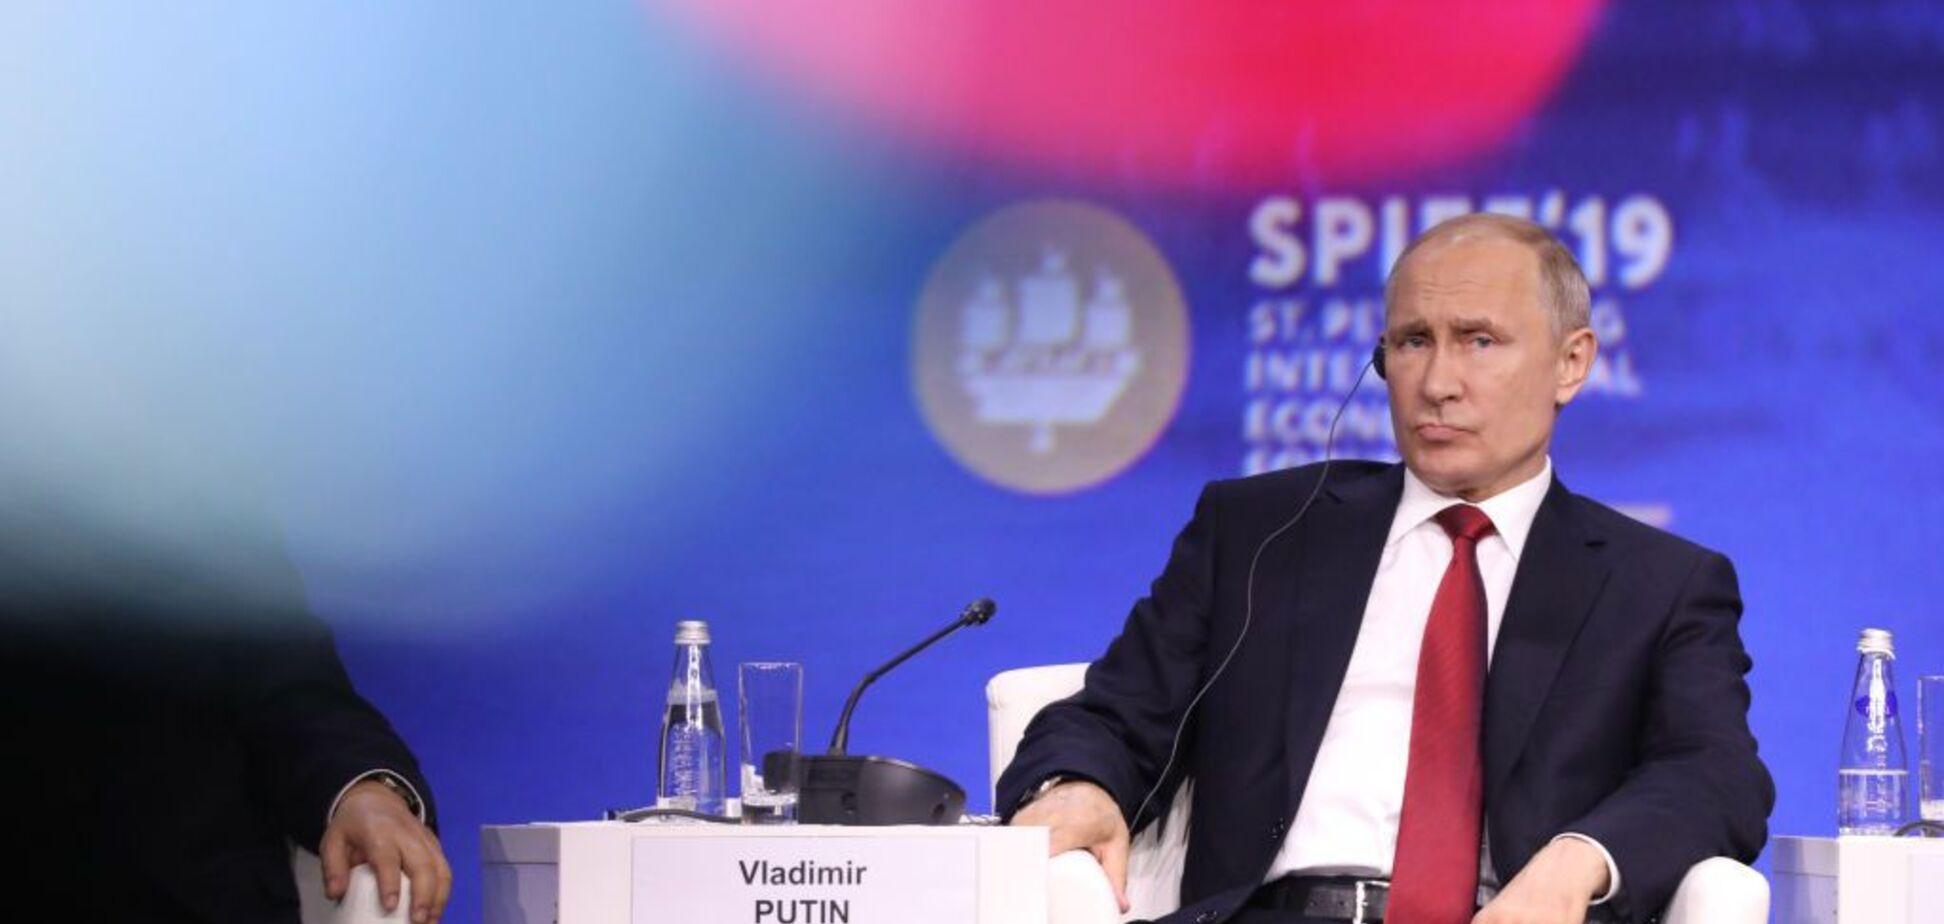 Окружение Путина: кто принимает решения в Москве